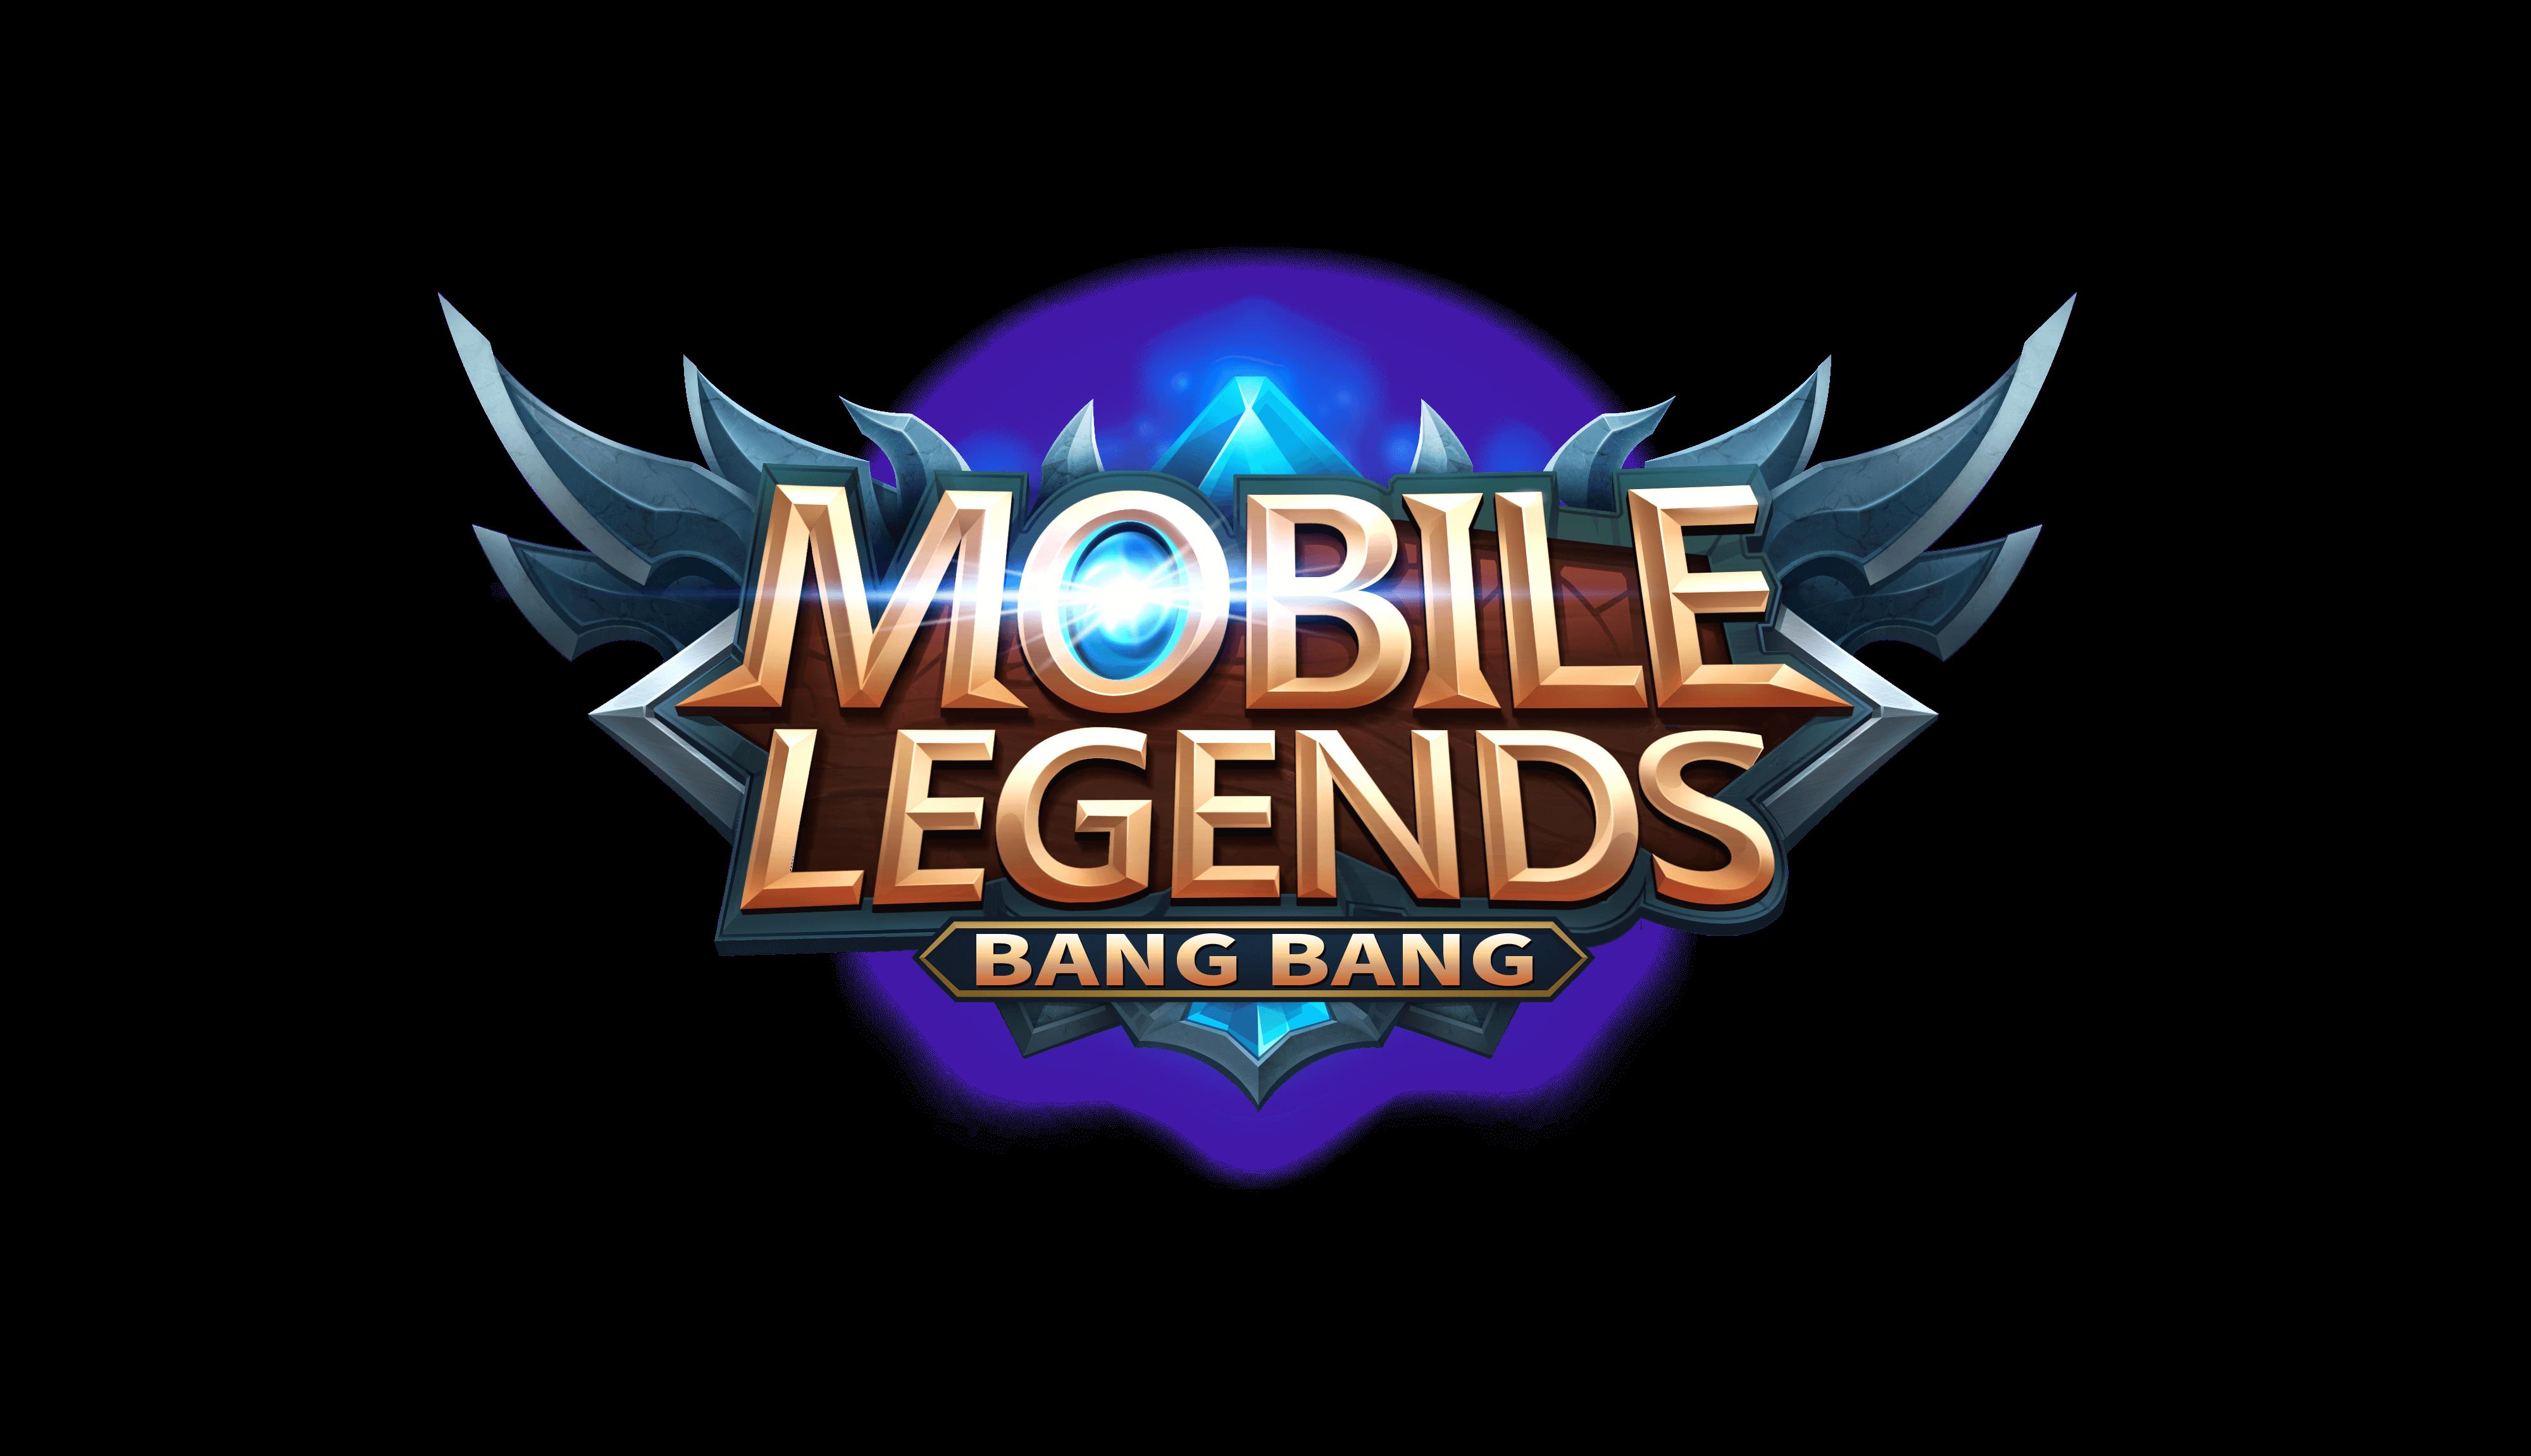 Download Free Logo Mobile Legend Tcash Apapun Operatornya Semua Bisa Paketcash For Your New Log In 2021 Mobile Legend Wallpaper Mobile Legends Logo Logo Mobile Legend